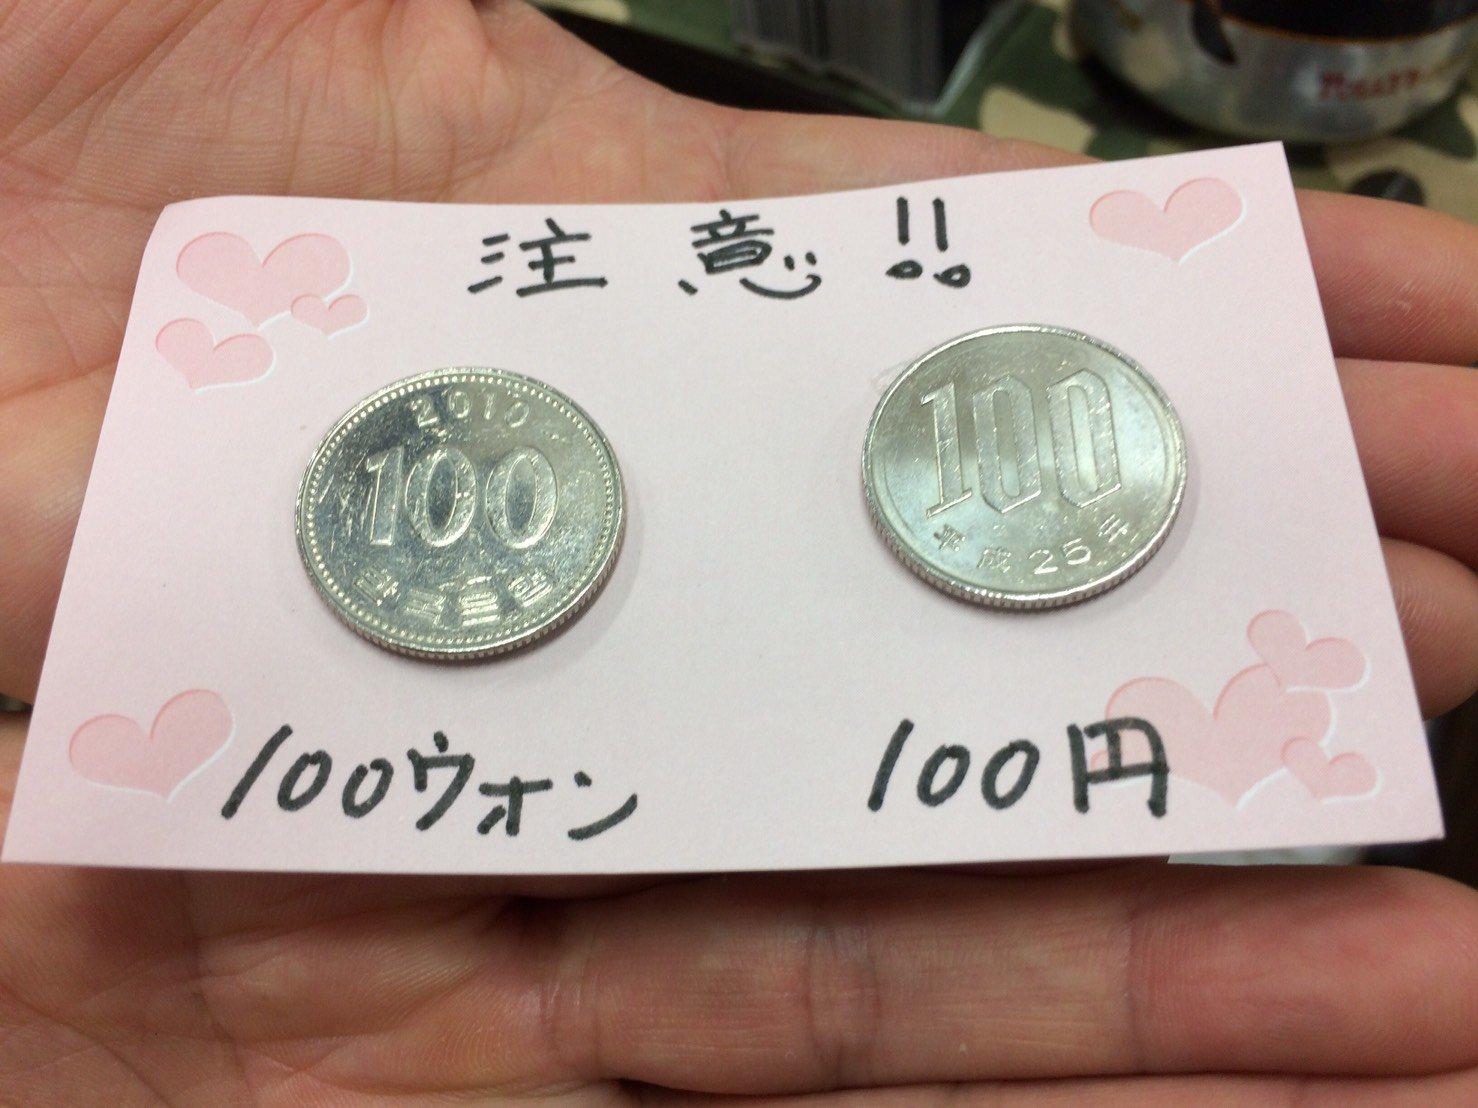 隣のサークルさんが5月のショタスクで100円と100ウォン混ぜて支払いされたらしく、記念と注意喚起兼ねて貼ってたの撮らせていただいた。 ※携帯を家に忘れてしまってツイート出来なかったので、友人に代理ツイートしてもらってました。